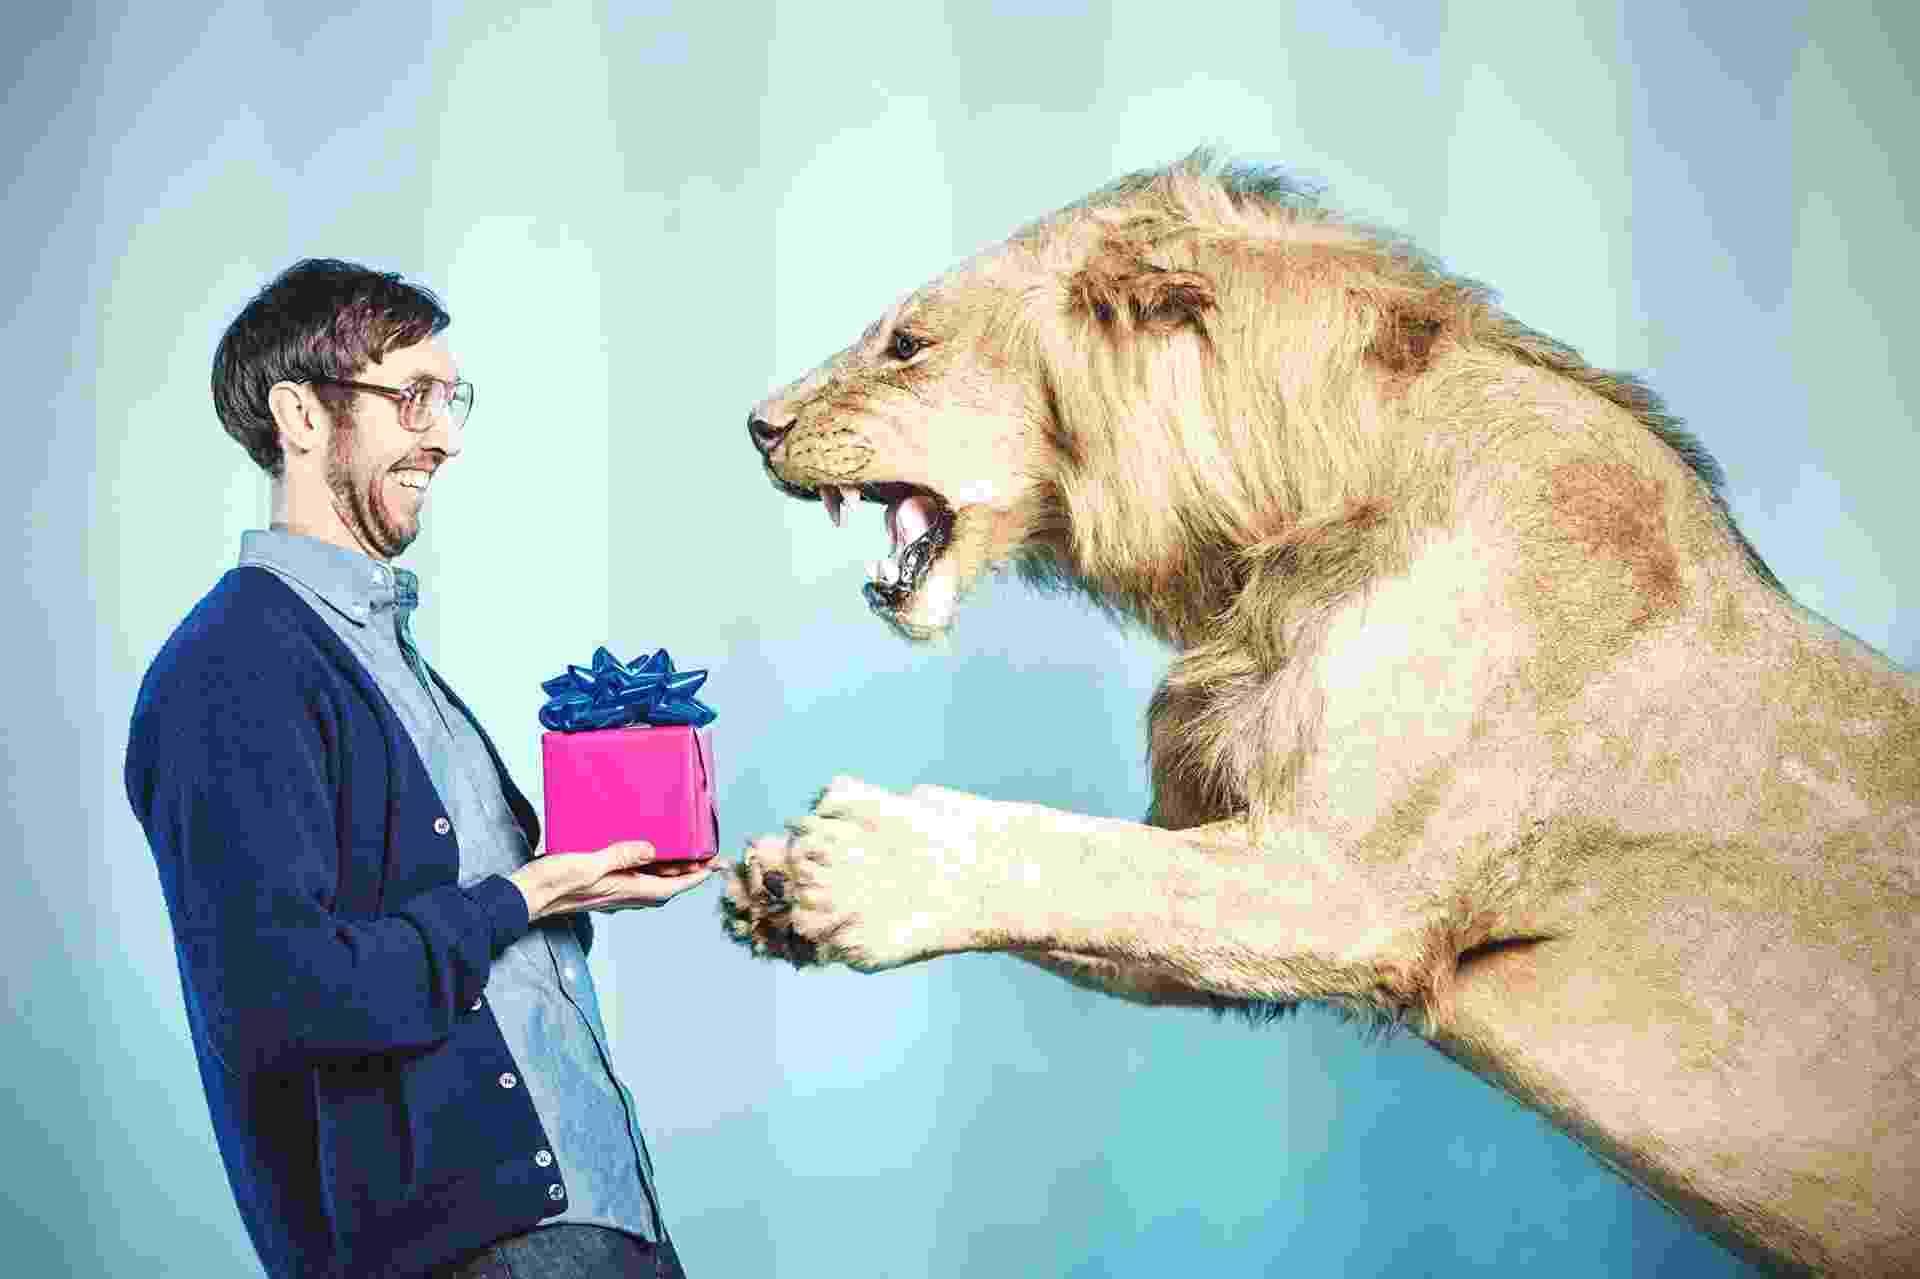 Leão, Imposto de Renda, IR, leão bravo, malha fina, Receita Federal, declaração, impostos, deduções - iStock/RyanJLane